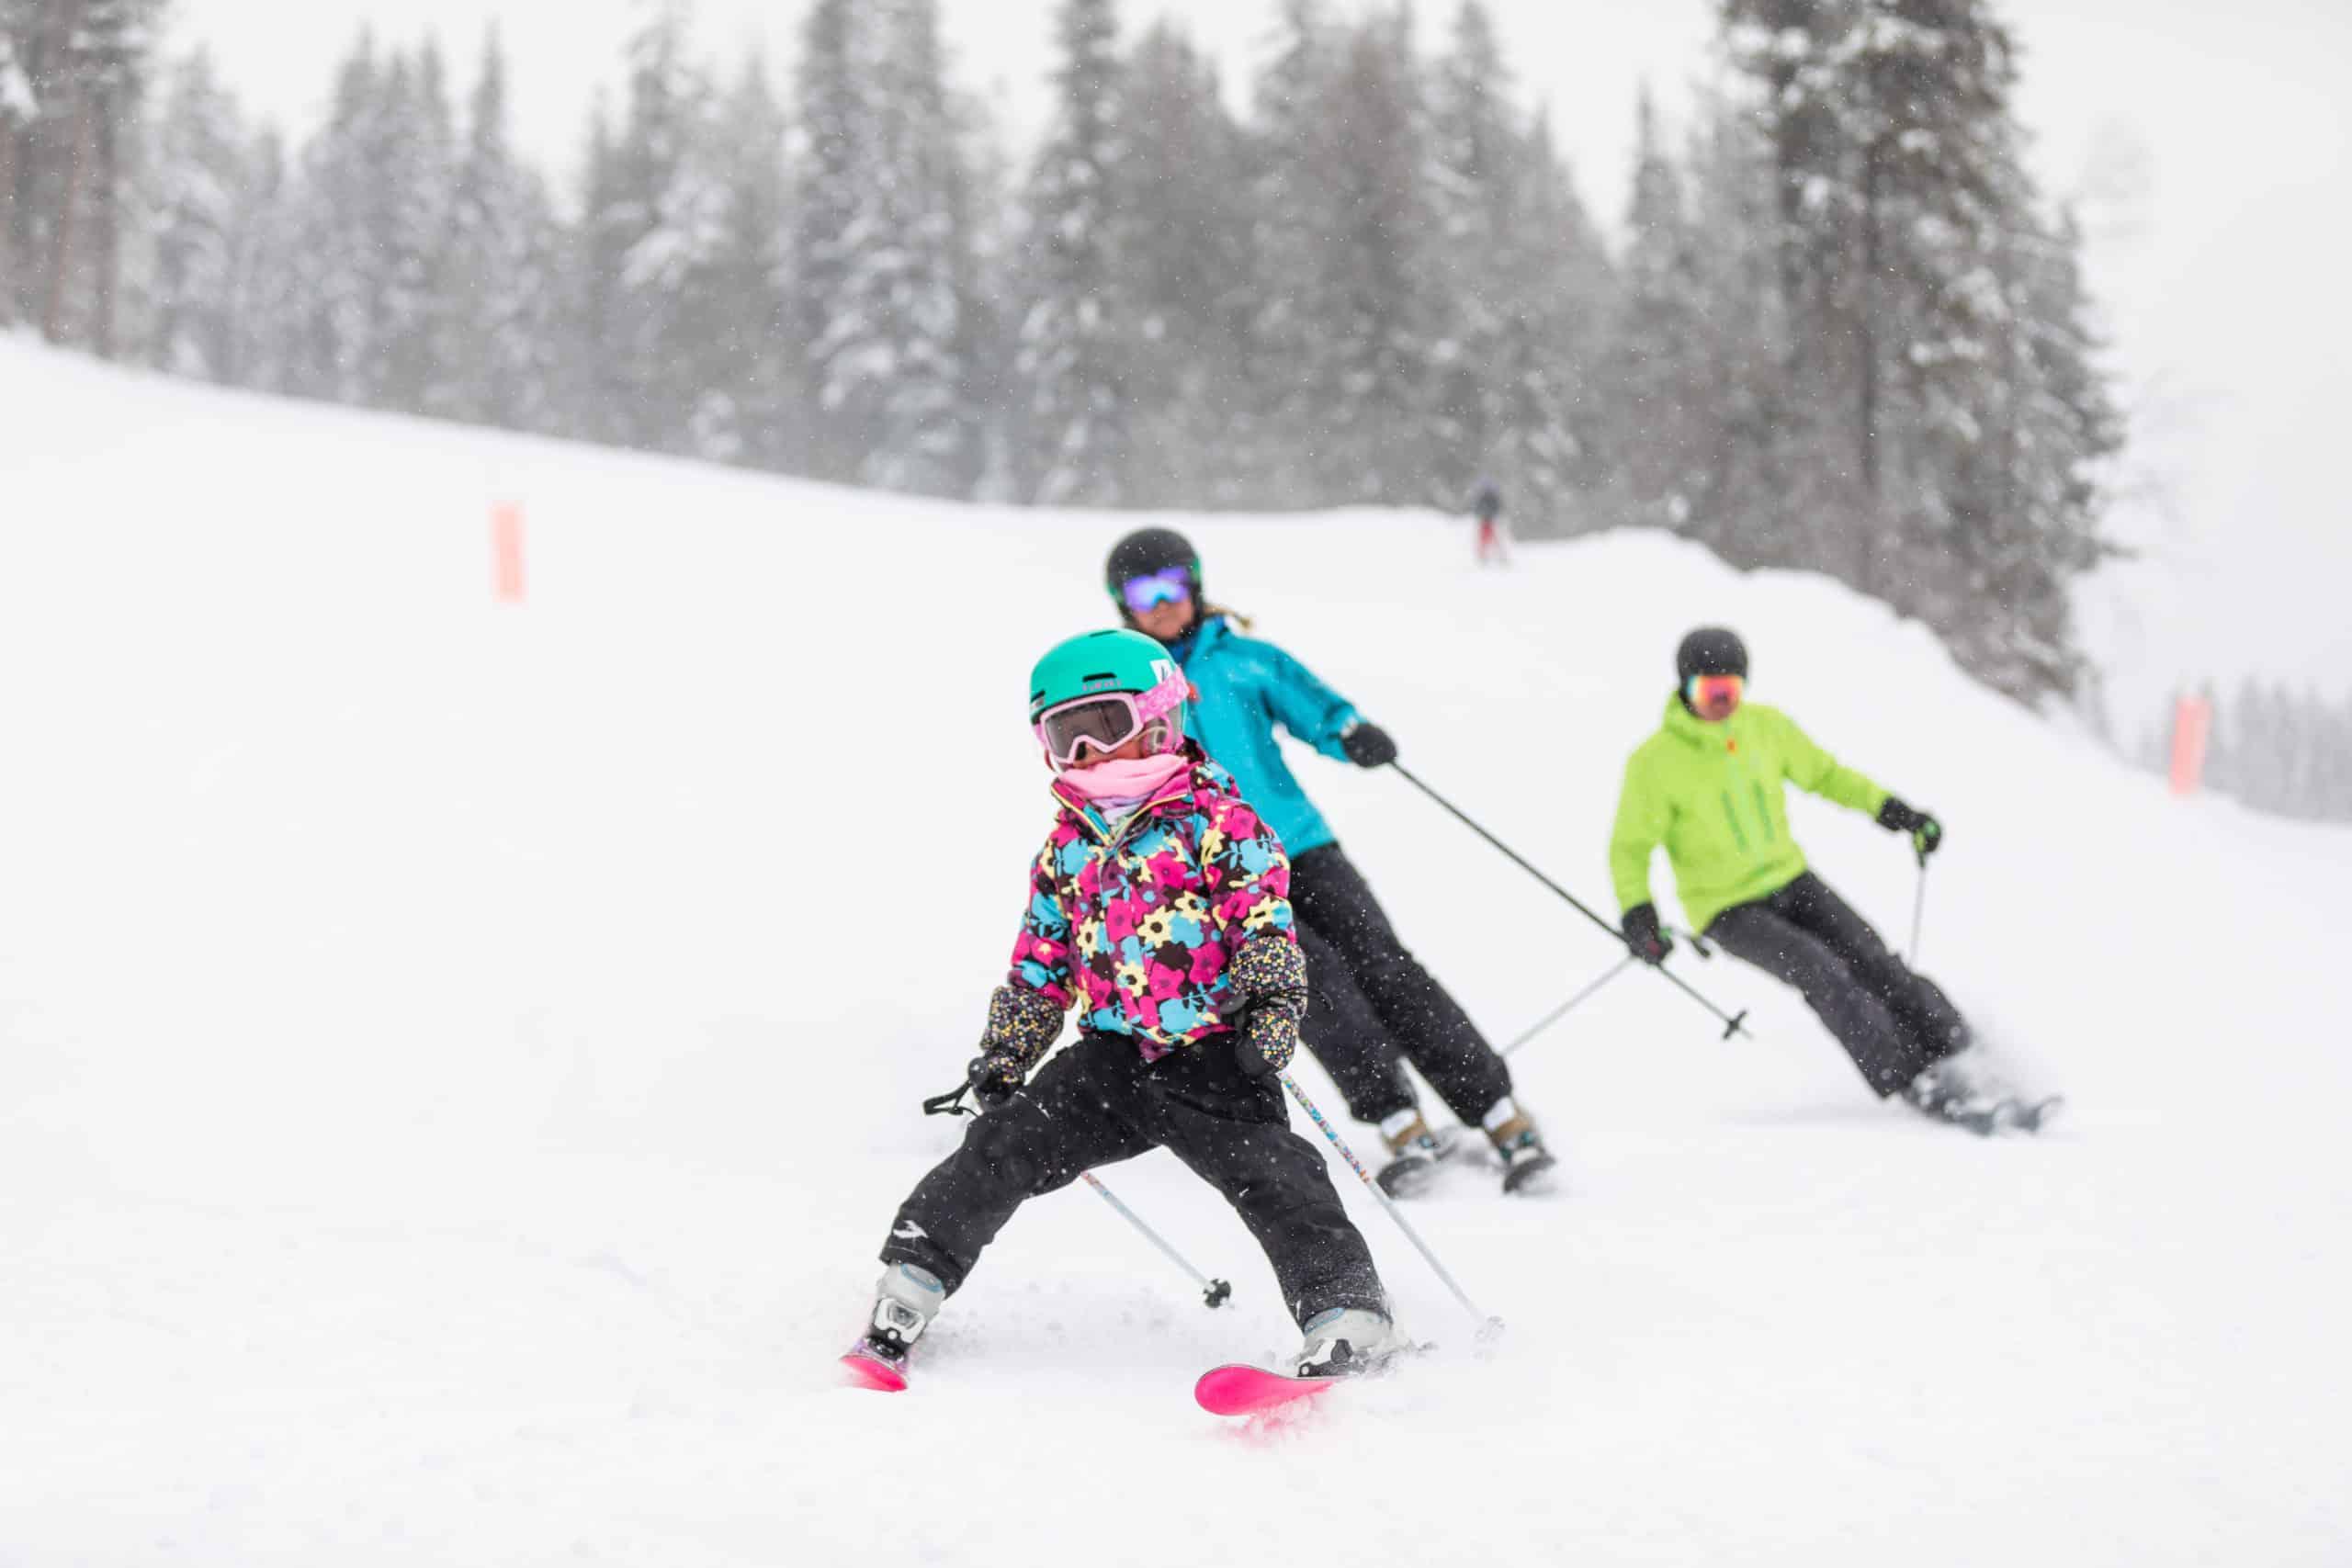 Family skiing revelstoke mountain resort